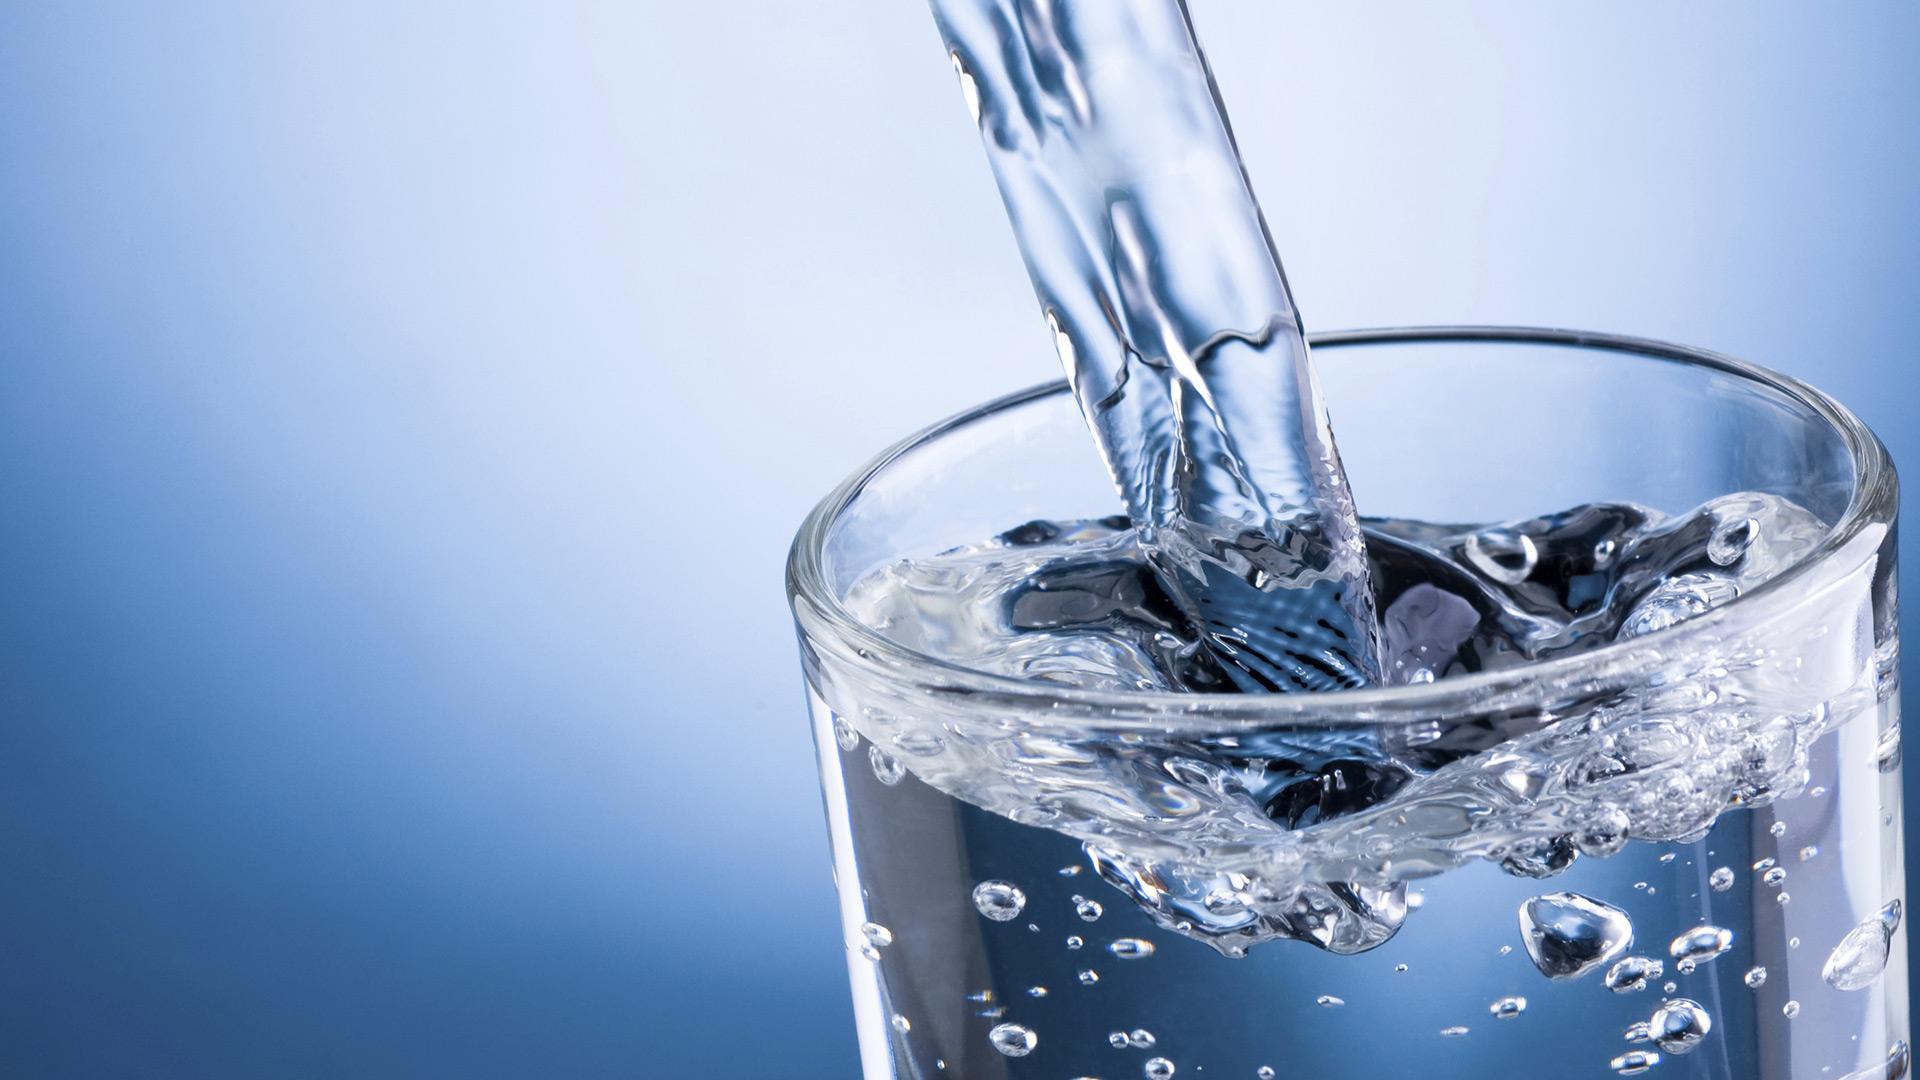 Hidratarea organismului, Foto: labelinginnovation.com